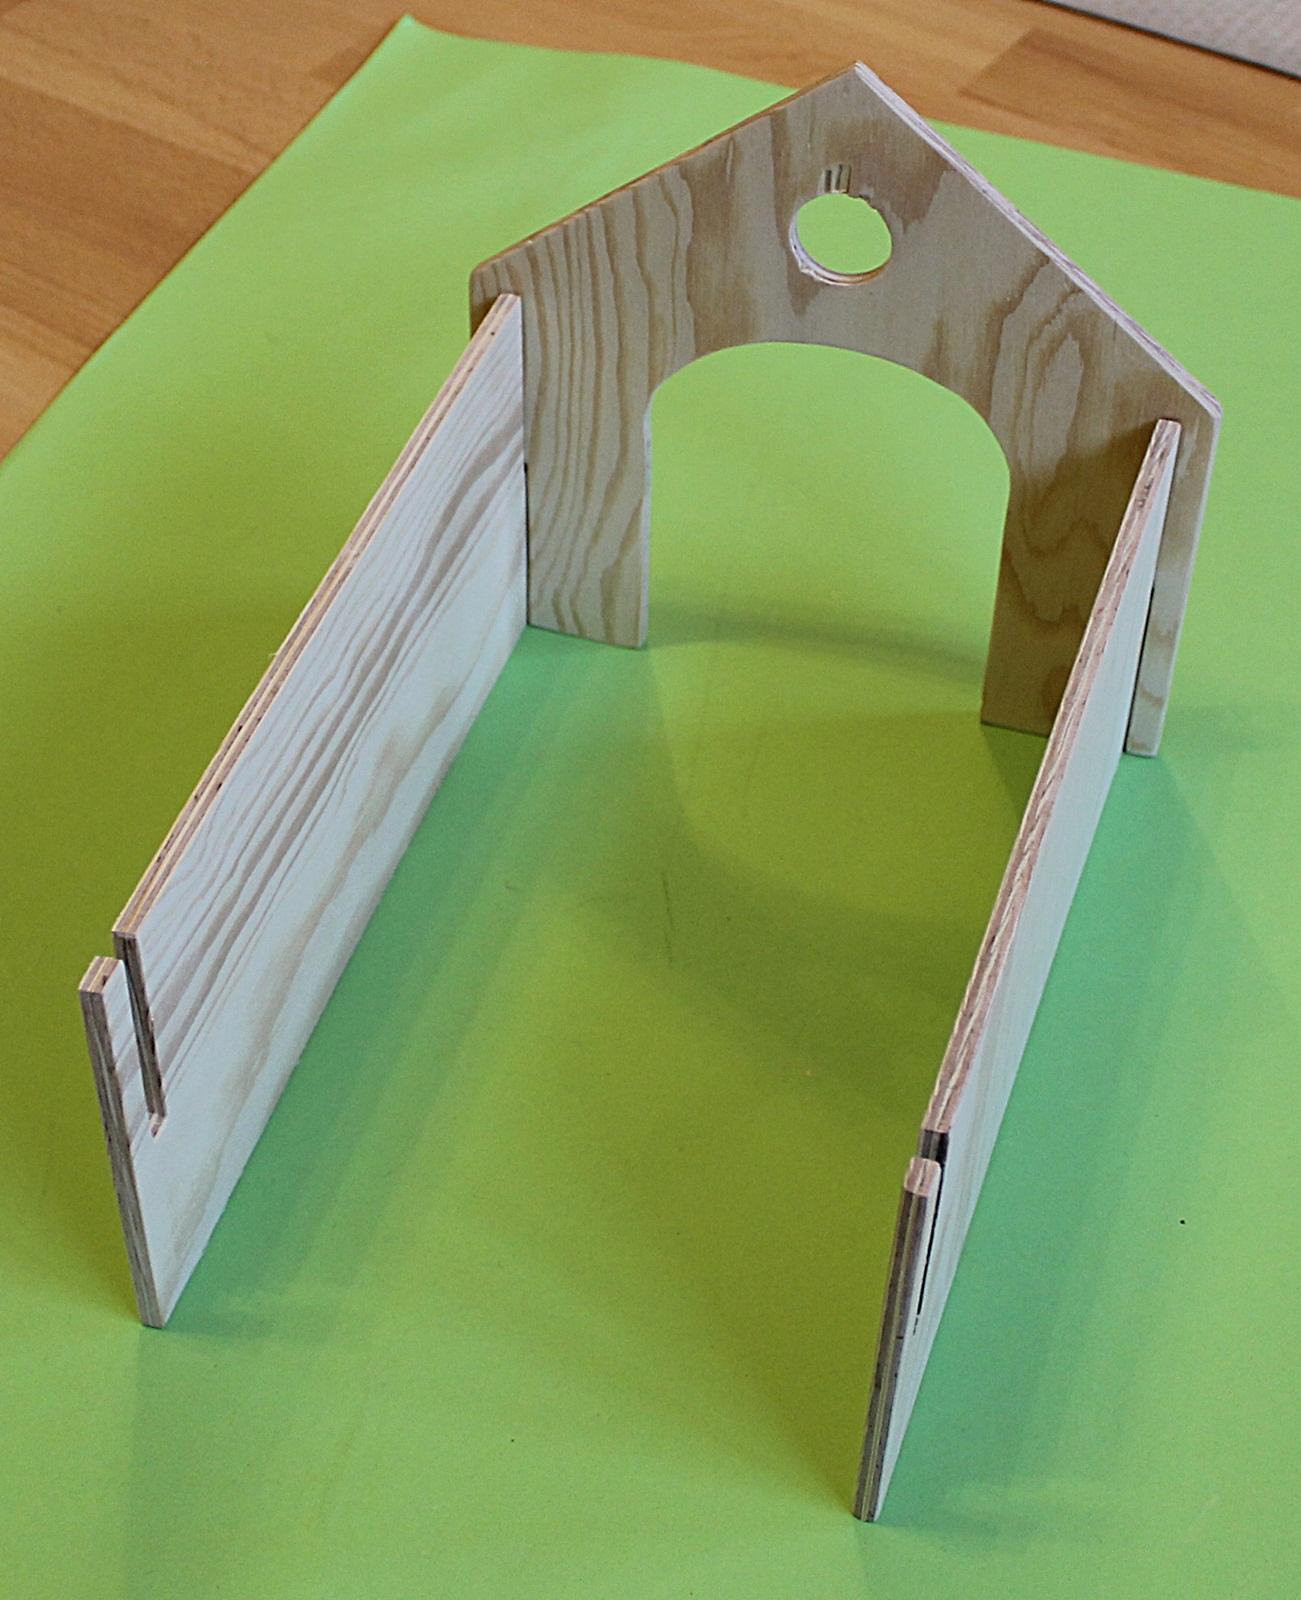 kreative kiste: Schleich Bauernhof selber bauen und spielen